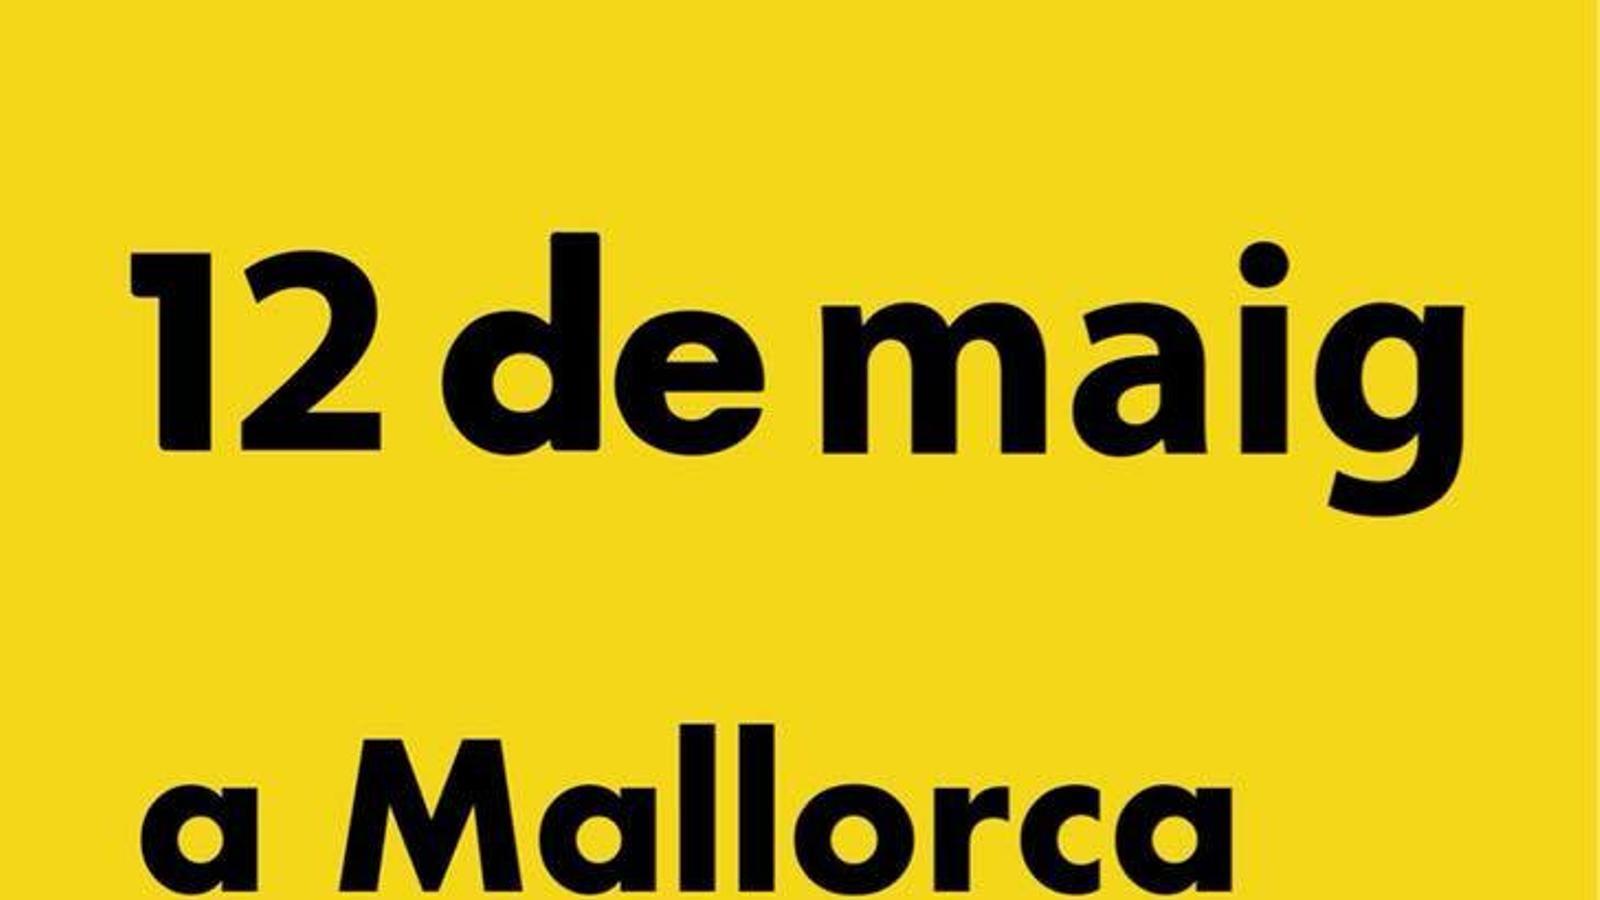 Dia 12 de maig, a Mallorca la farem groga!